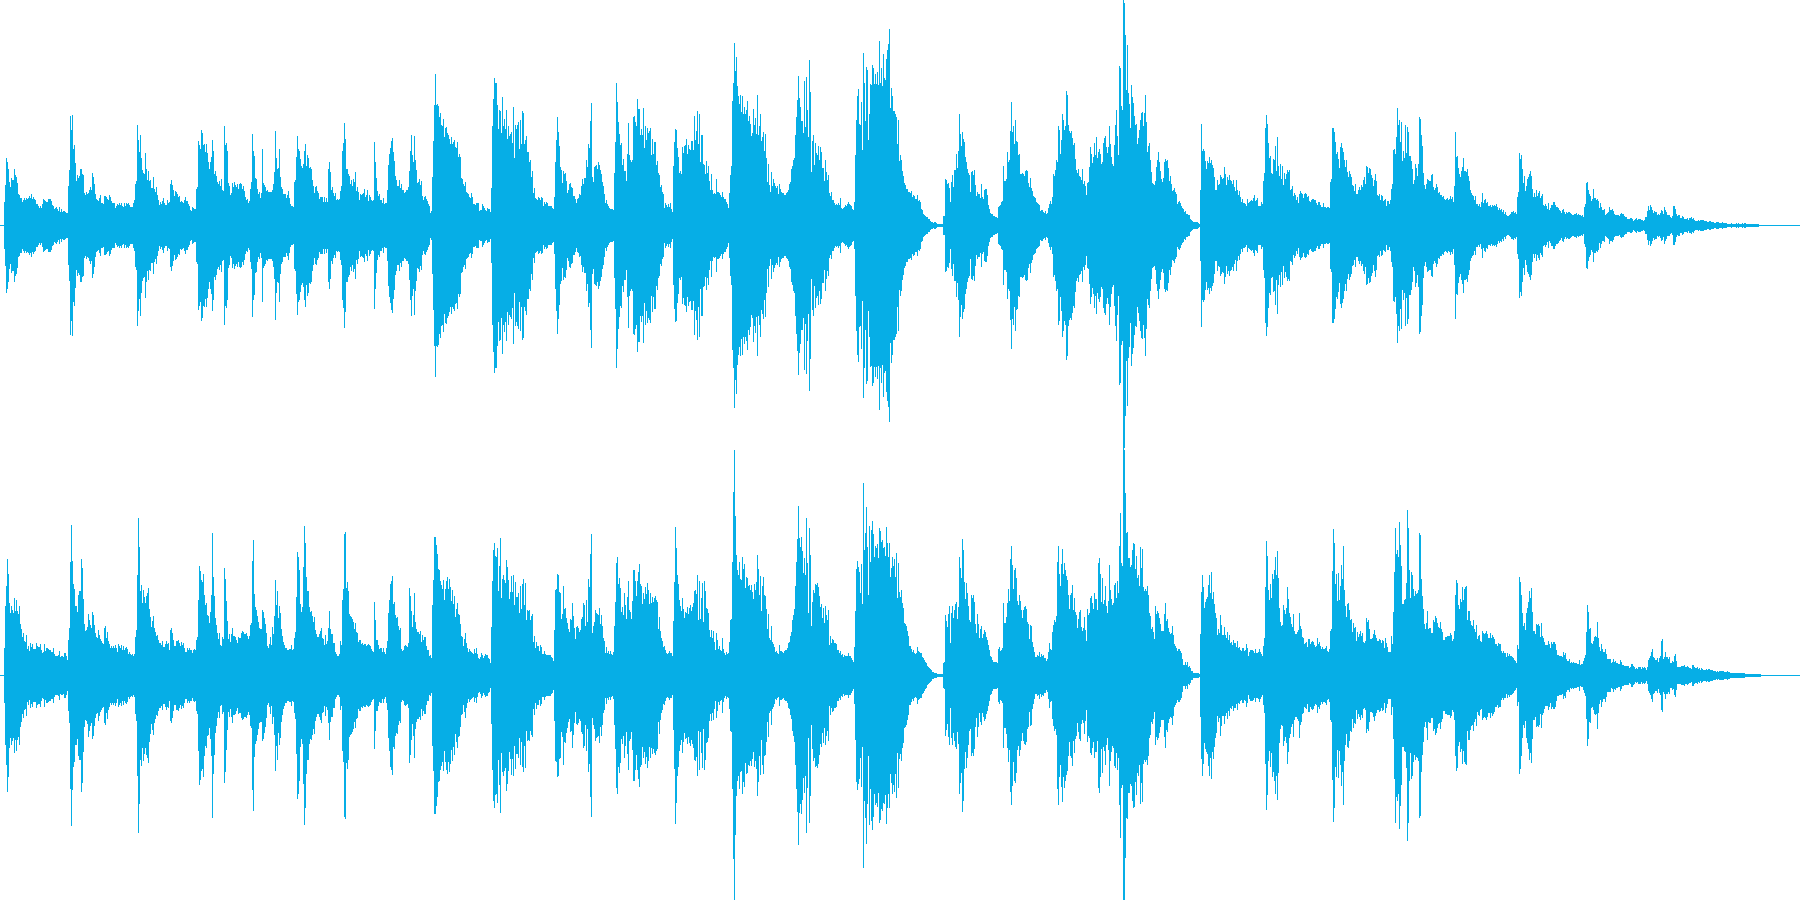 雪の妖精をイメージした現代曲風BGMの再生済みの波形